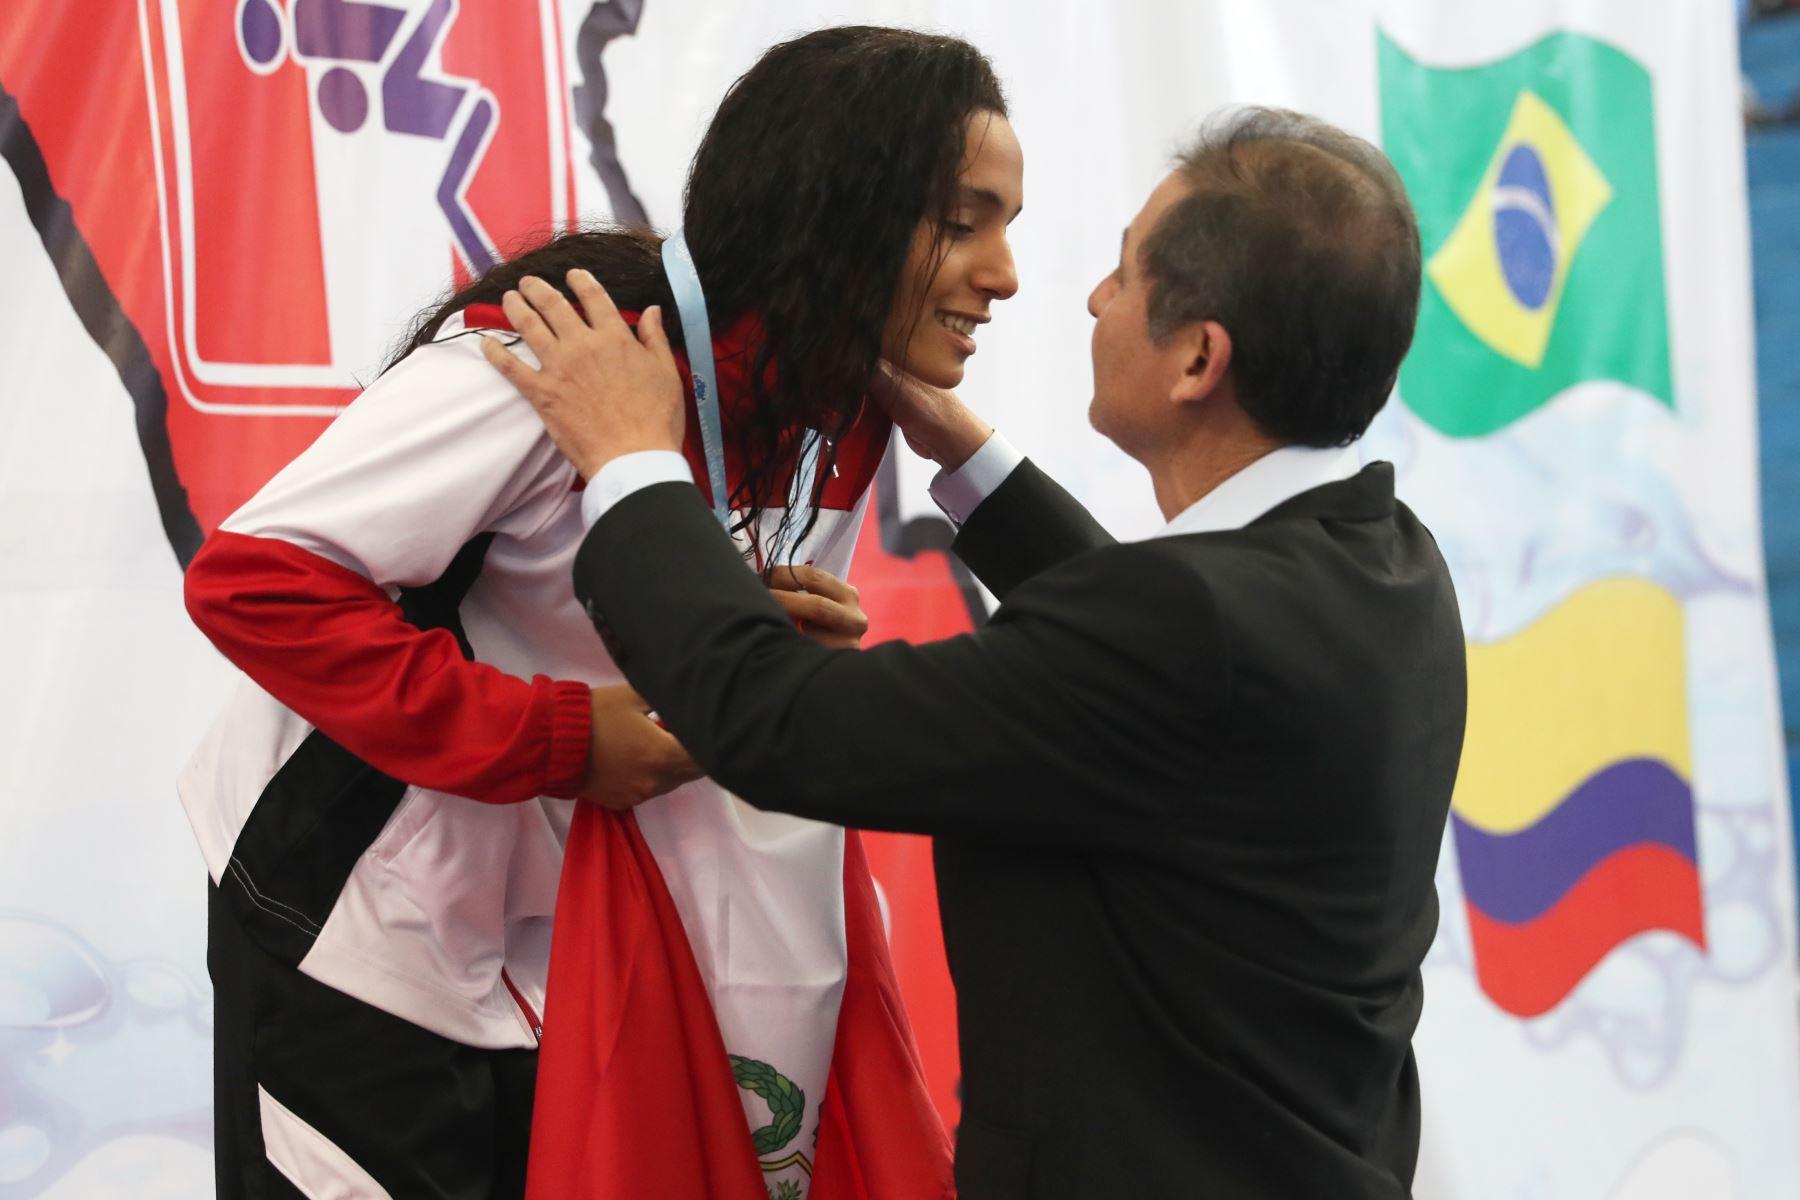 Adriana Buendia de Perú obtiene medalla de bronce en  200m pecho en el Torneo Copa Pacífico de Natación 2019. Foto: ANDINA/Melina Mejía